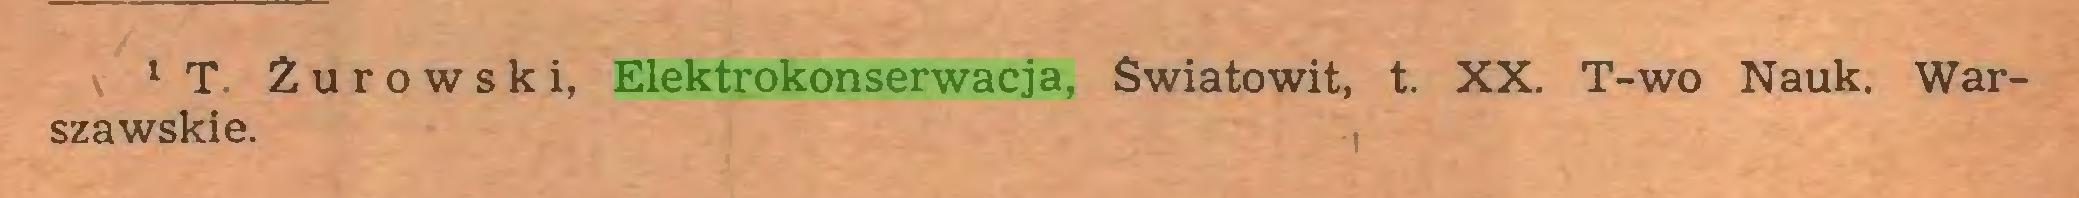 (...) 1 T. Żurowski, Elektrokonserwacja, Swiatowit, t. XX. T-wo Nauk. Warszawskie. ,...